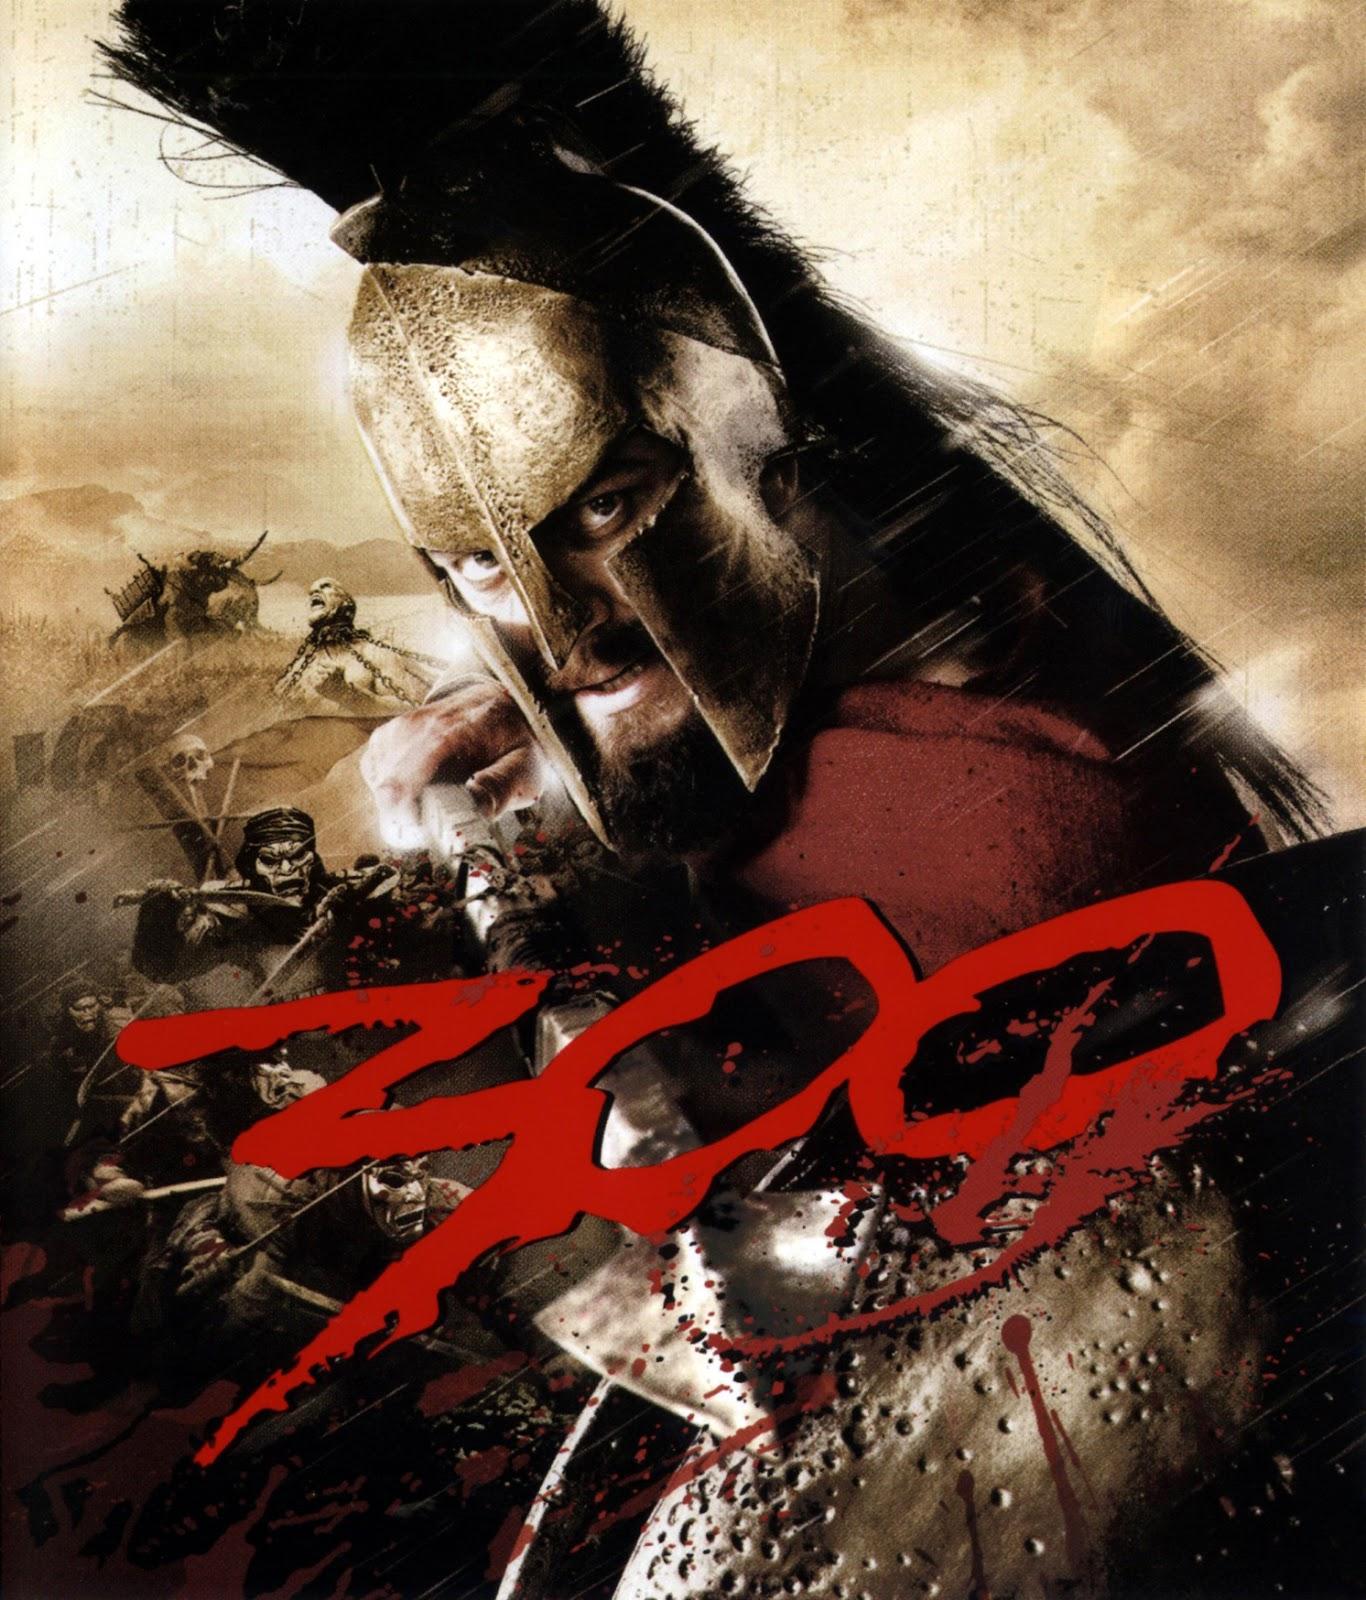 Rey Leonidas - Spartans_Por JhOtAm 300--front_original_39627_original